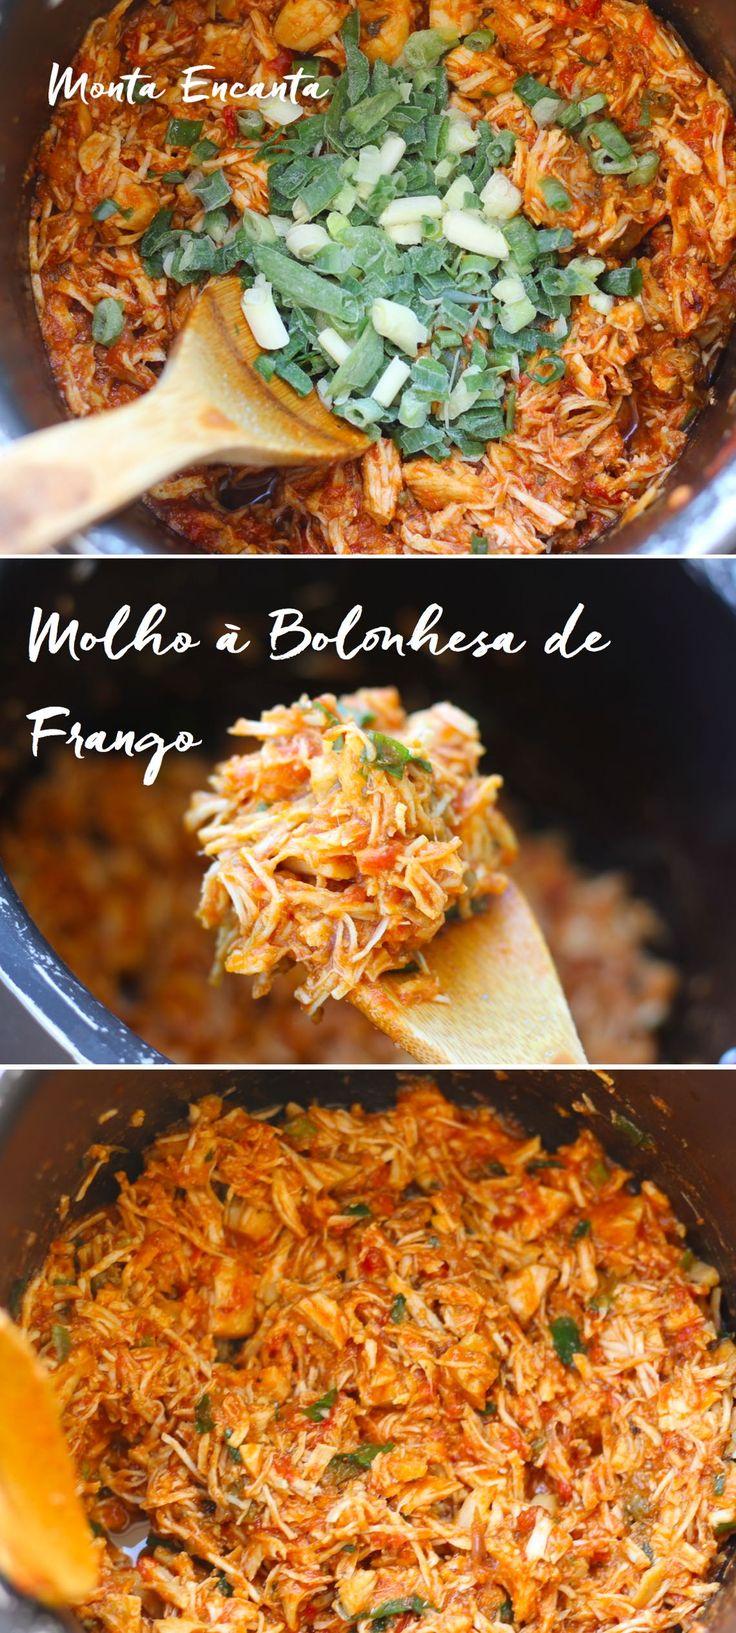 Molho a bolonhesa de Frango, feito na panela de pressão fica ainda mais gostoso! A idéia é substituir a tradicional carne moída pelo frango que cozido junto com os tomates …